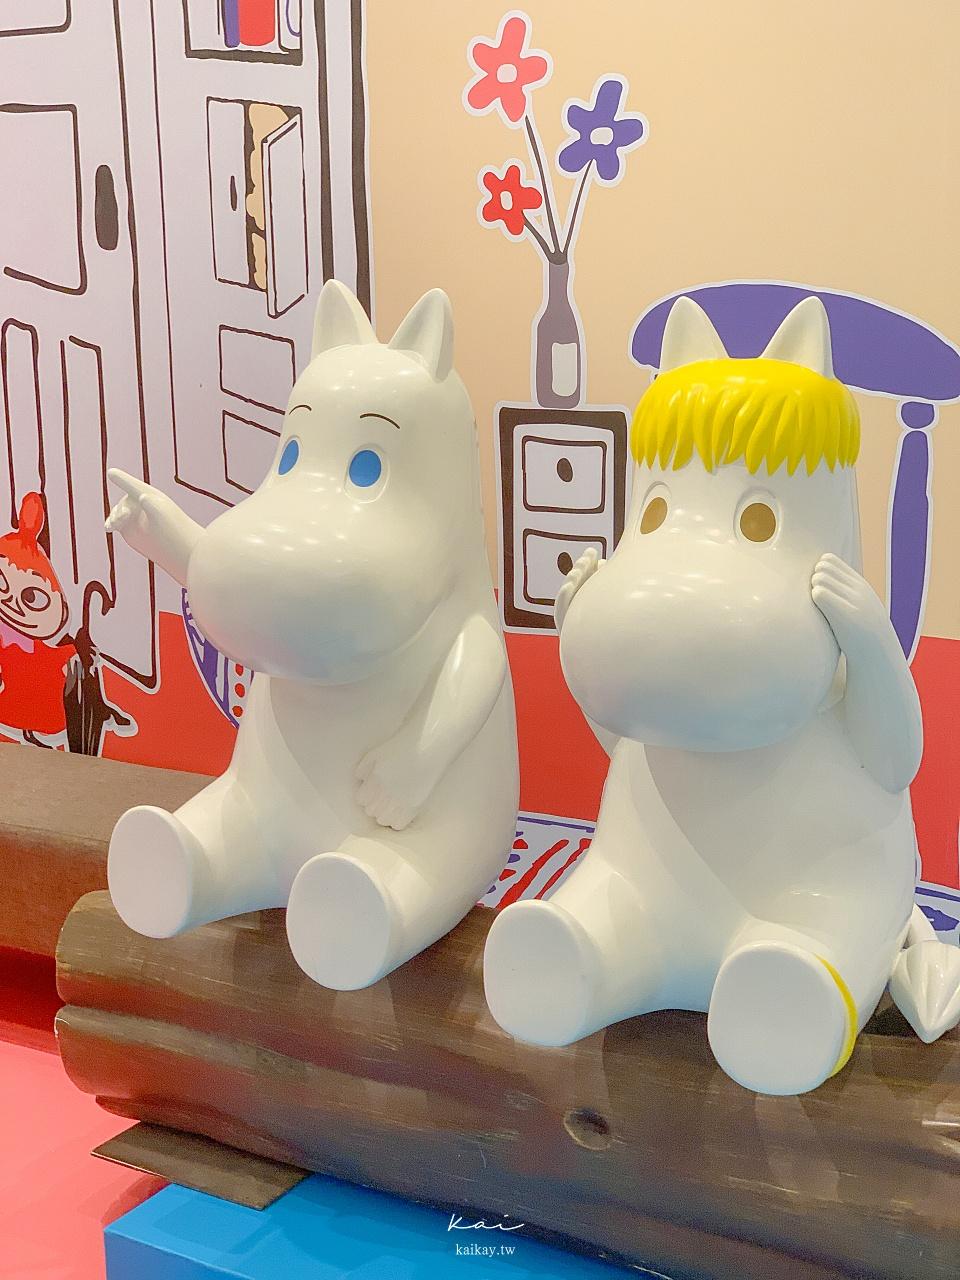 ☆【台北|中山站】嚕嚕米75周年快閃店暖心姆明谷-5大好拍區、大玩偶!快帶小朋友來新光南西9樓玩